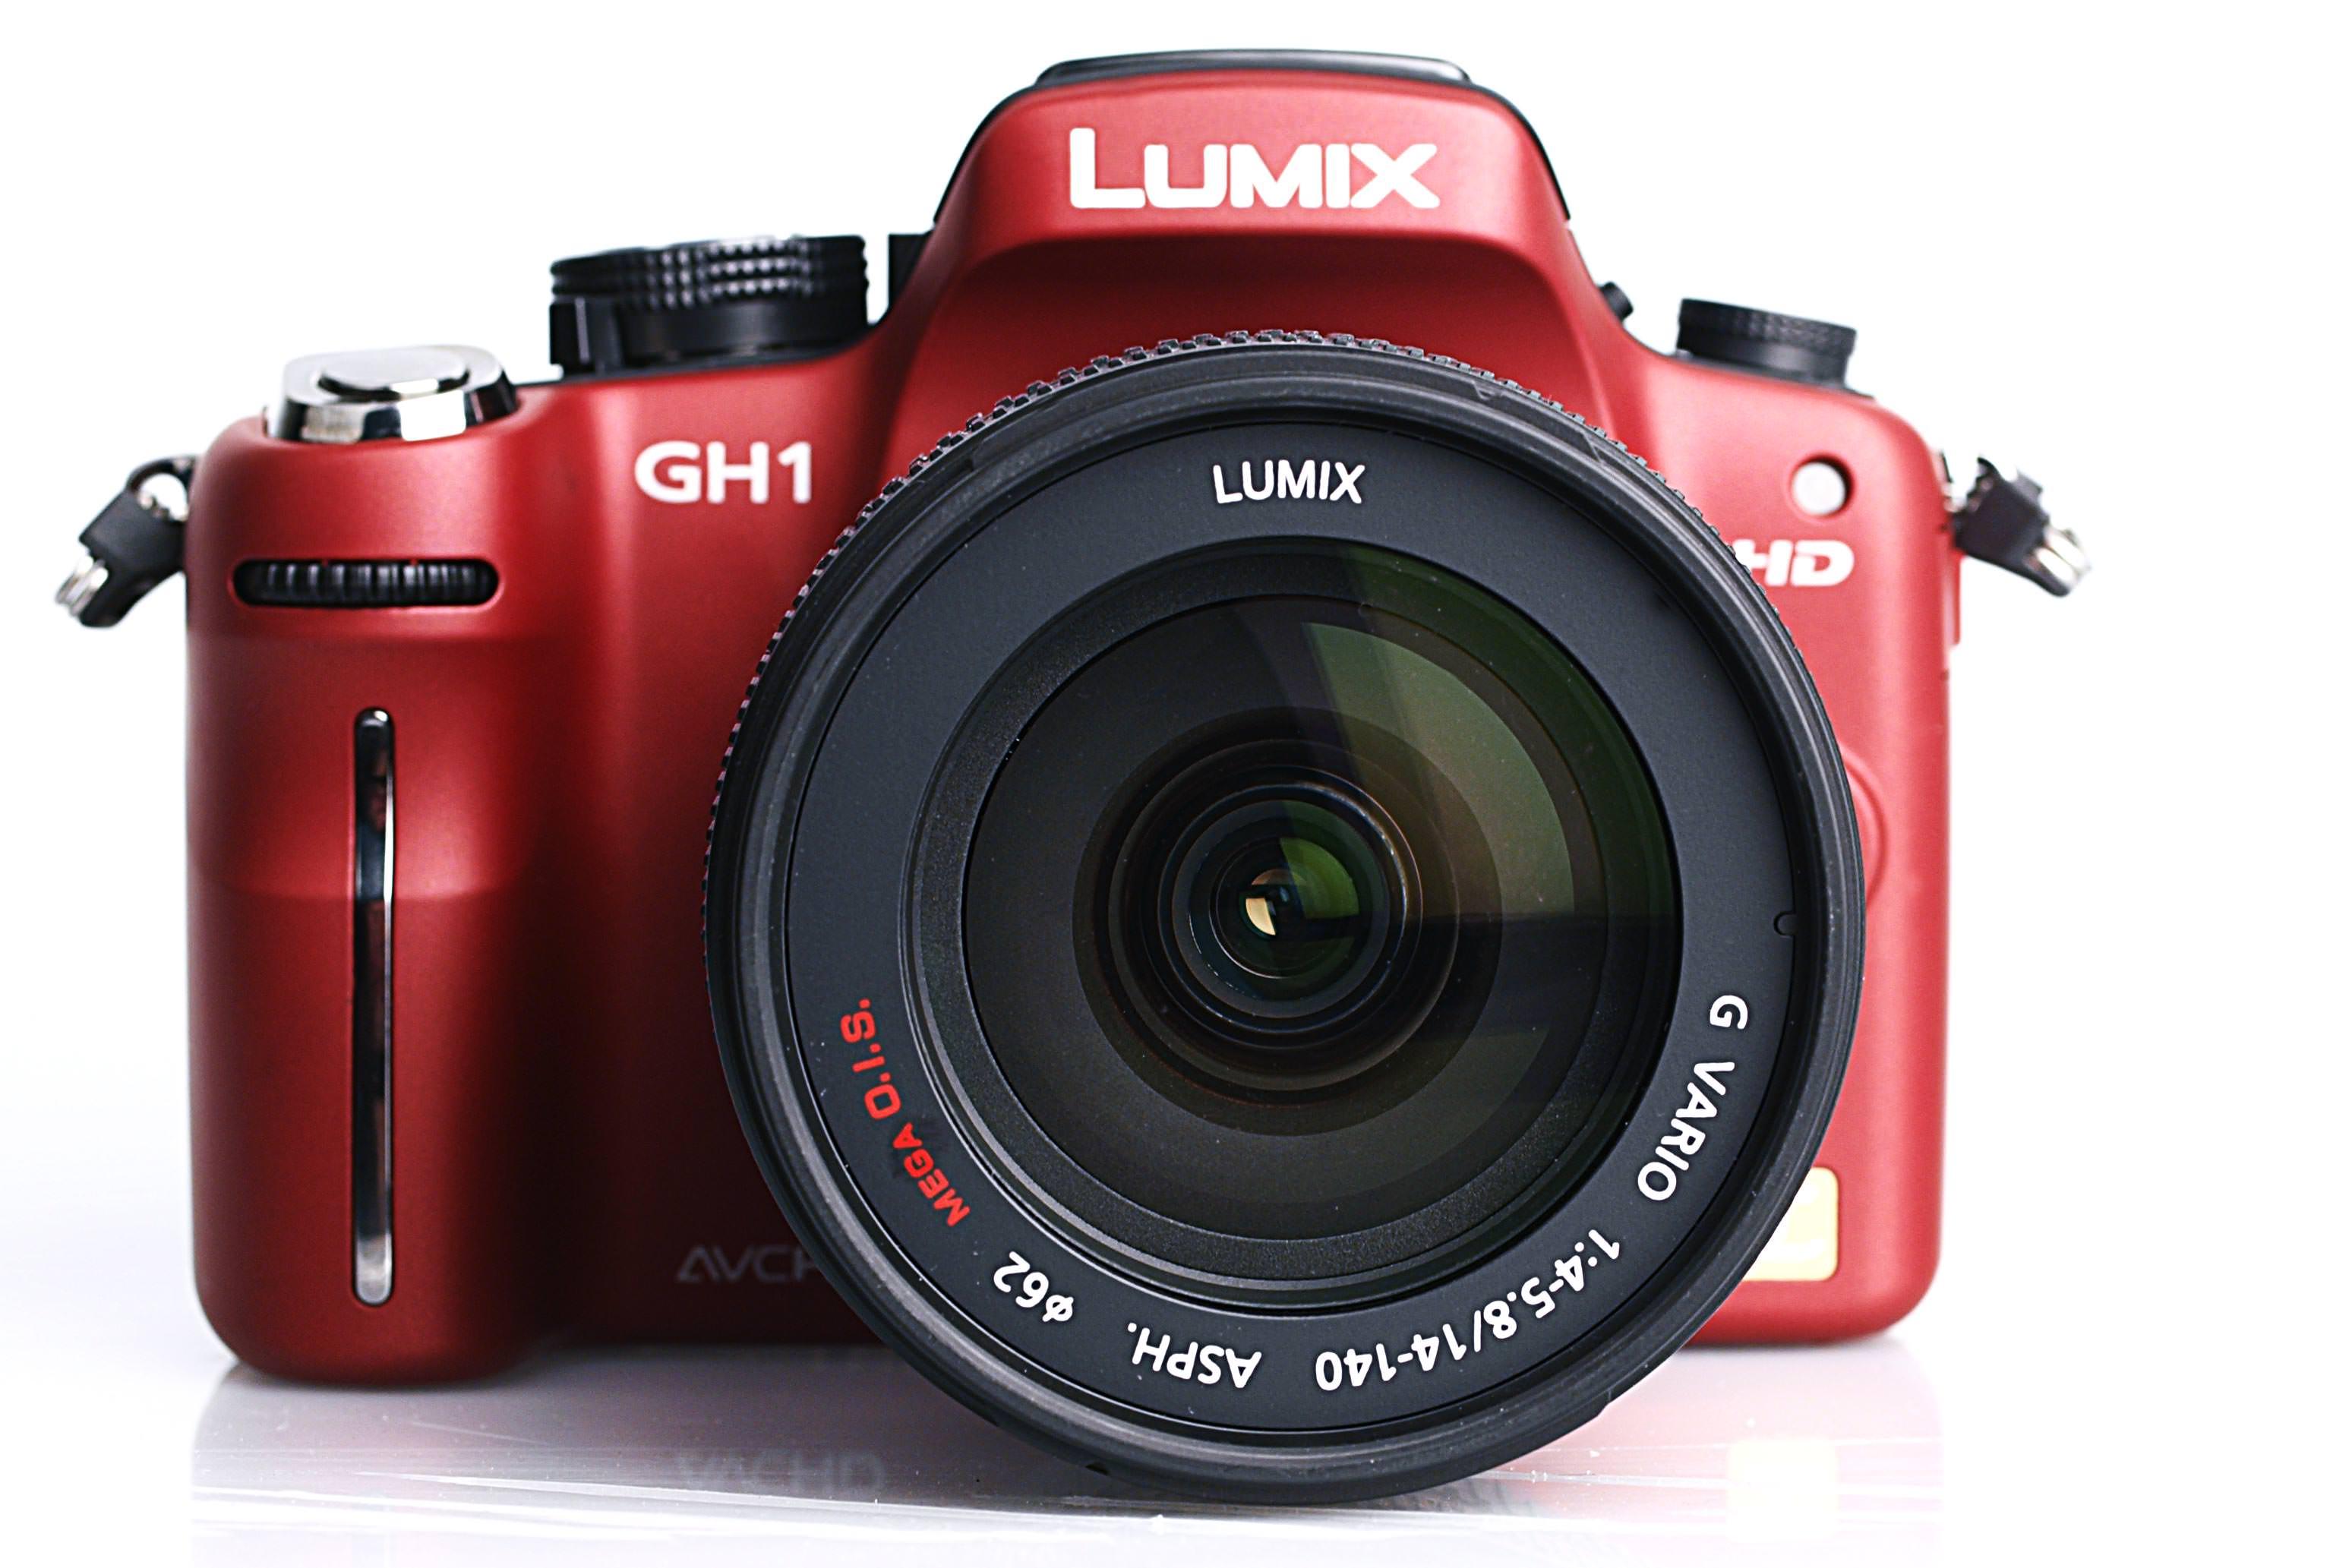 panasonic dmc gh1 digital camera review rh ephotozine com lumix gh1 user manual Panasonic GH1 Review